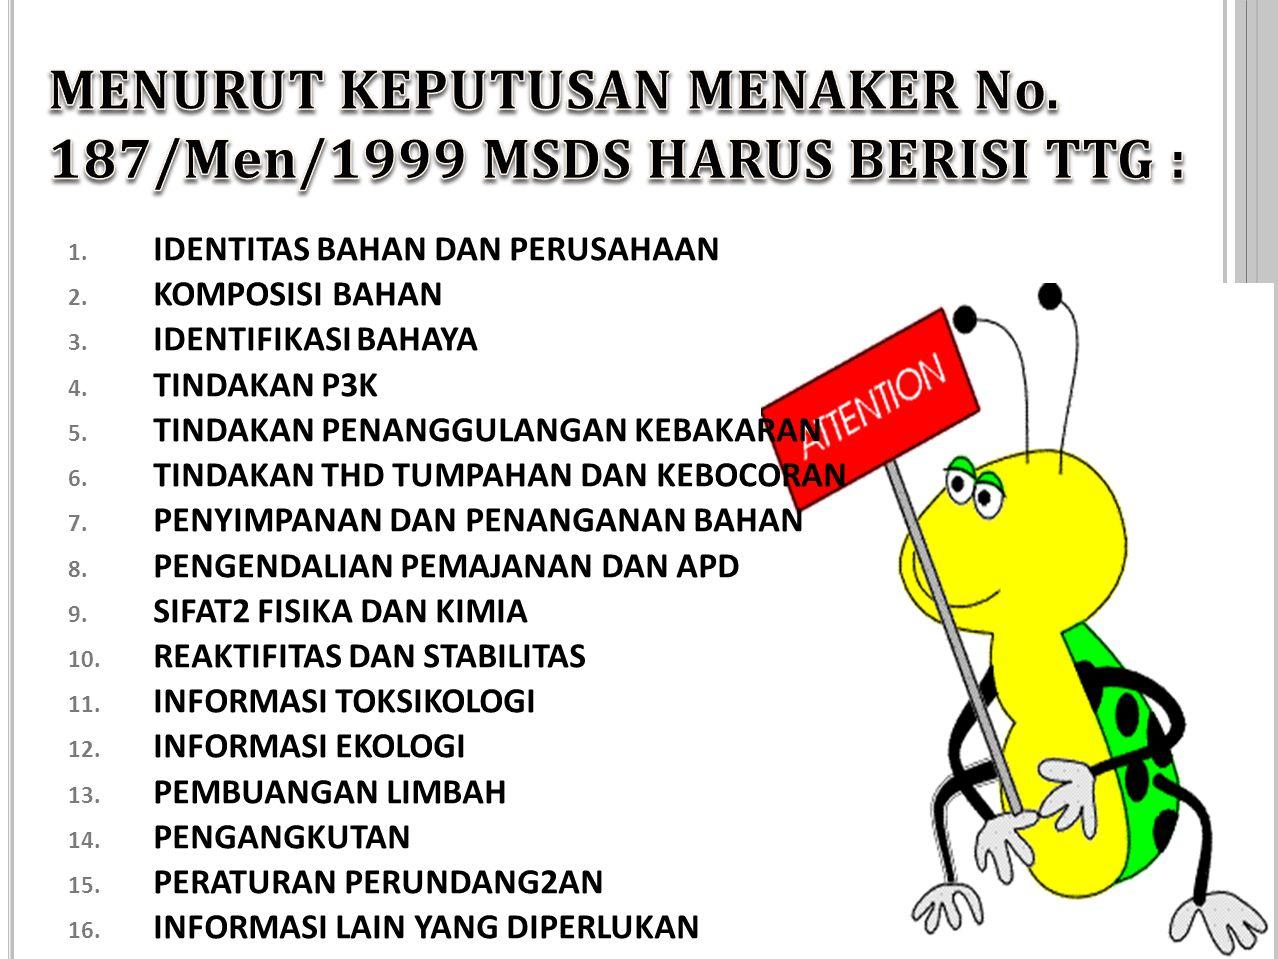 MENURUT KEPUTUSAN MENAKER No. 187/Men/1999 MSDS HARUS BERISI TTG :